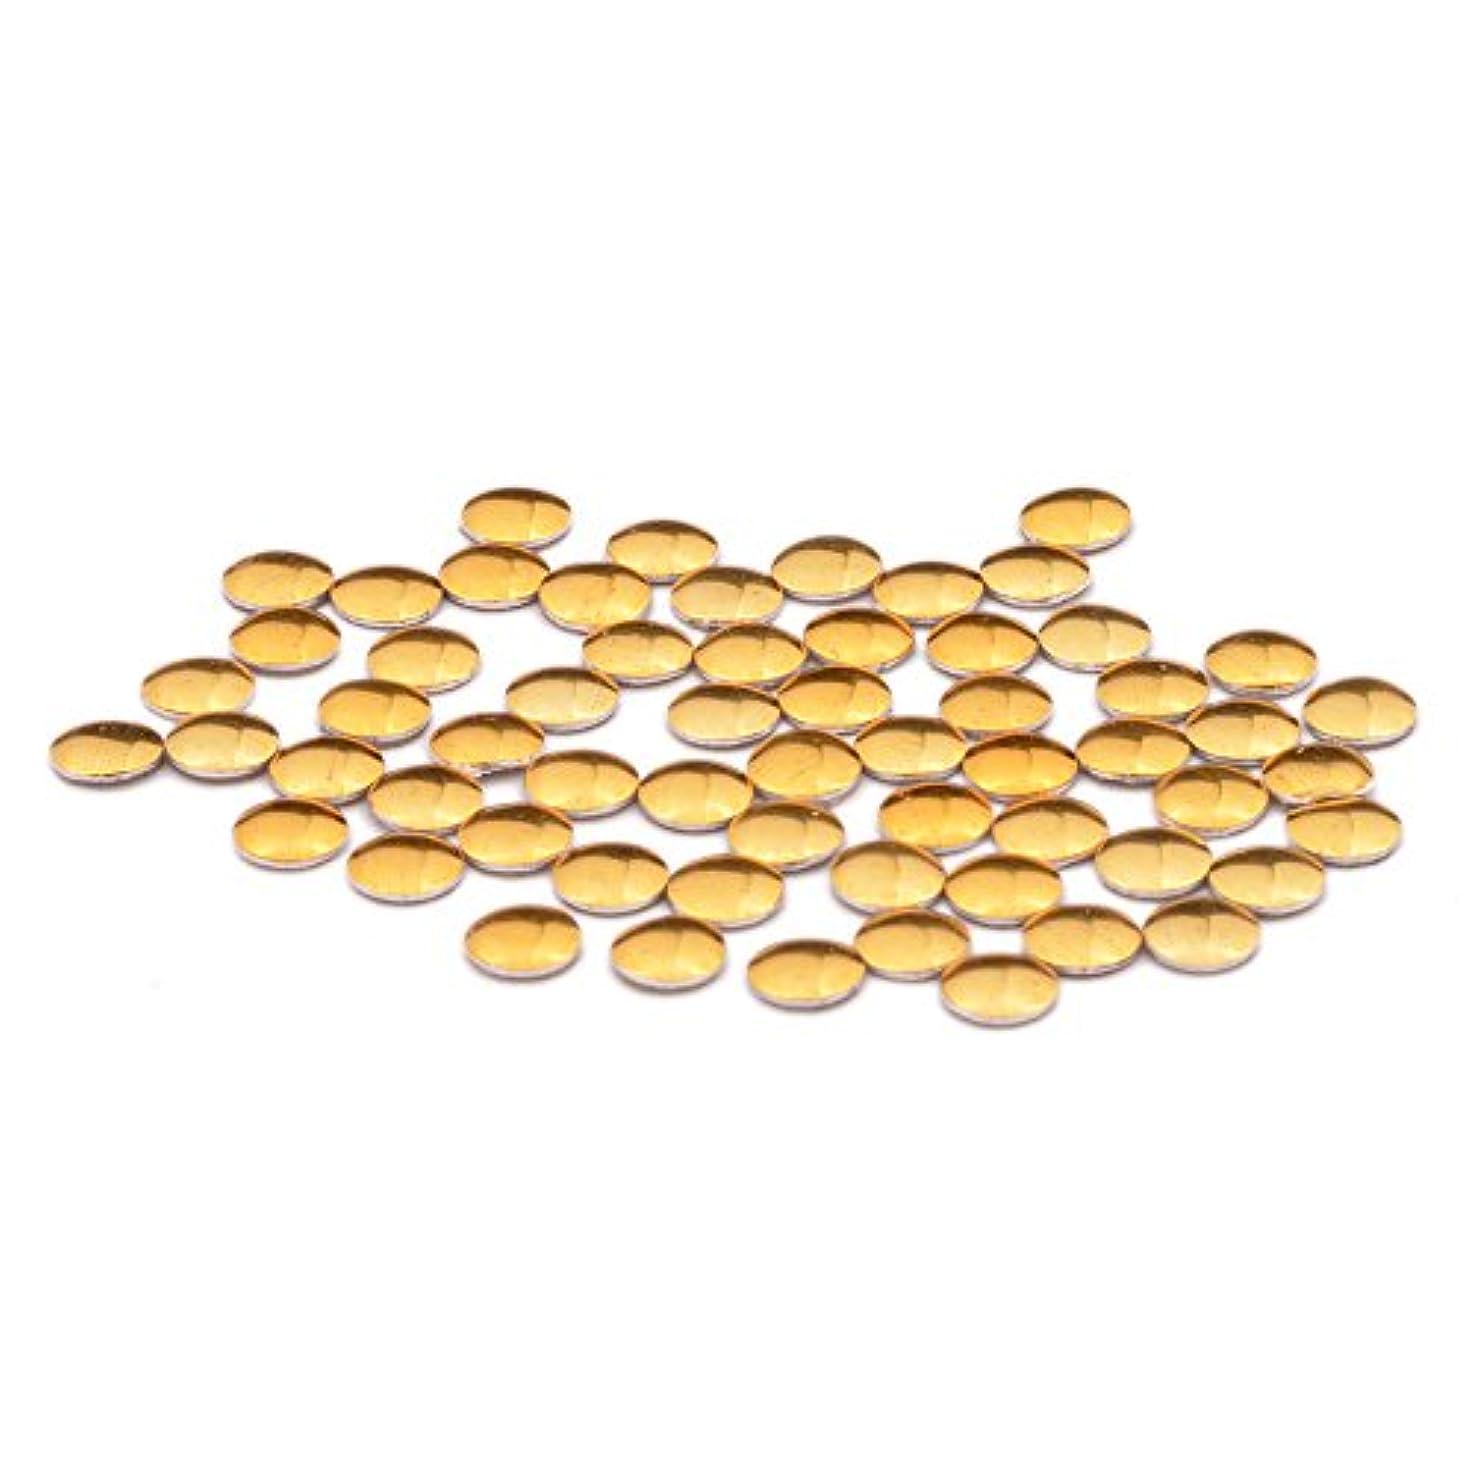 傾向クッション建築ラウンド メタルスタッズ 丸型(0.8mm/1mm/1.2mm/1.5mm/2mm/2.5mm/3mm)約50粒入り (1mm, ゴールド)